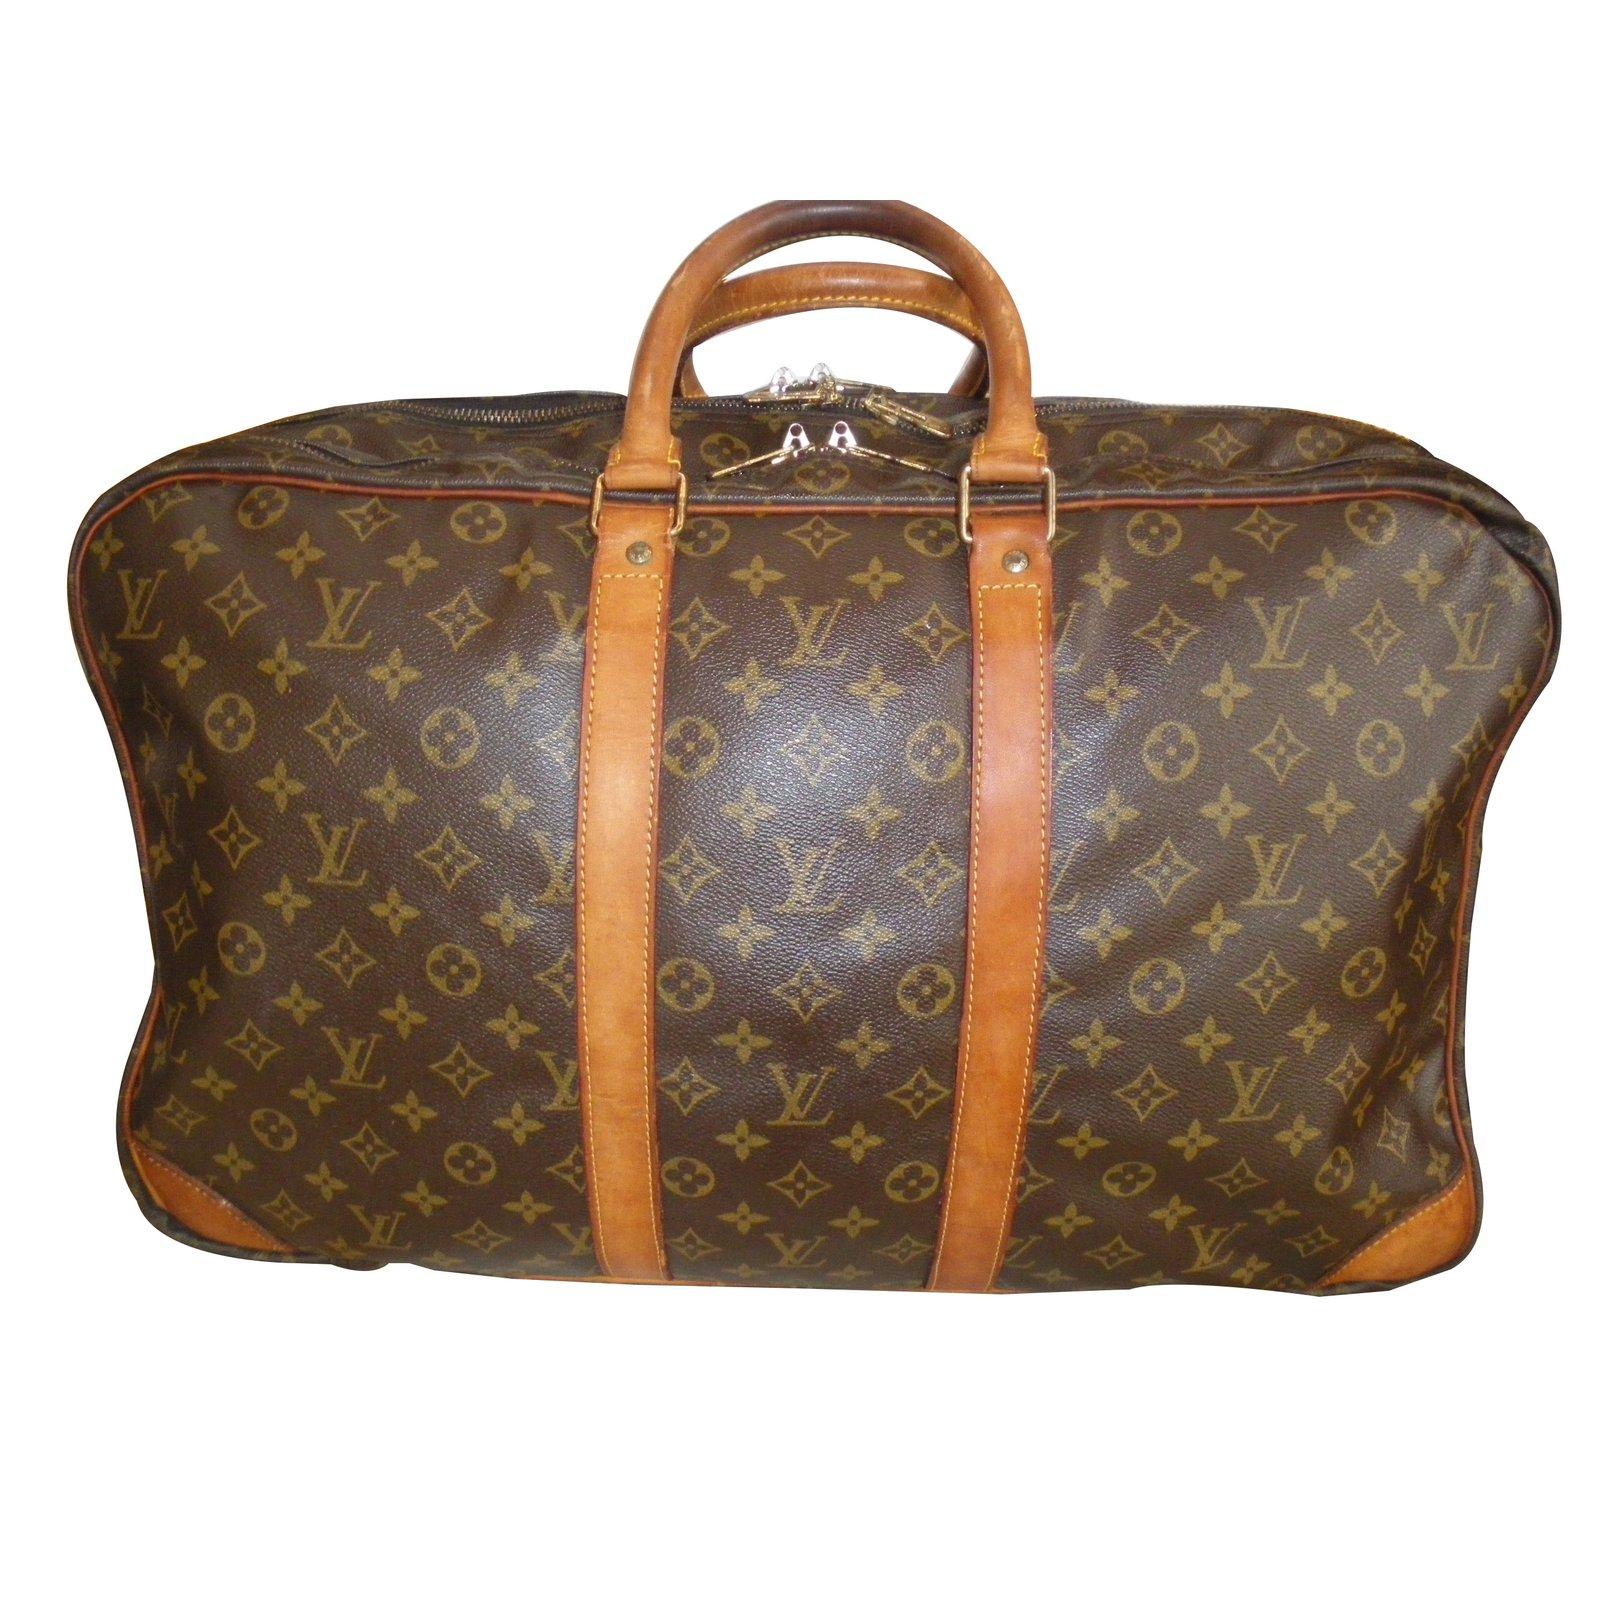 sacs de voyage louis vuitton sacs de voyage toile marron joli closet. Black Bedroom Furniture Sets. Home Design Ideas